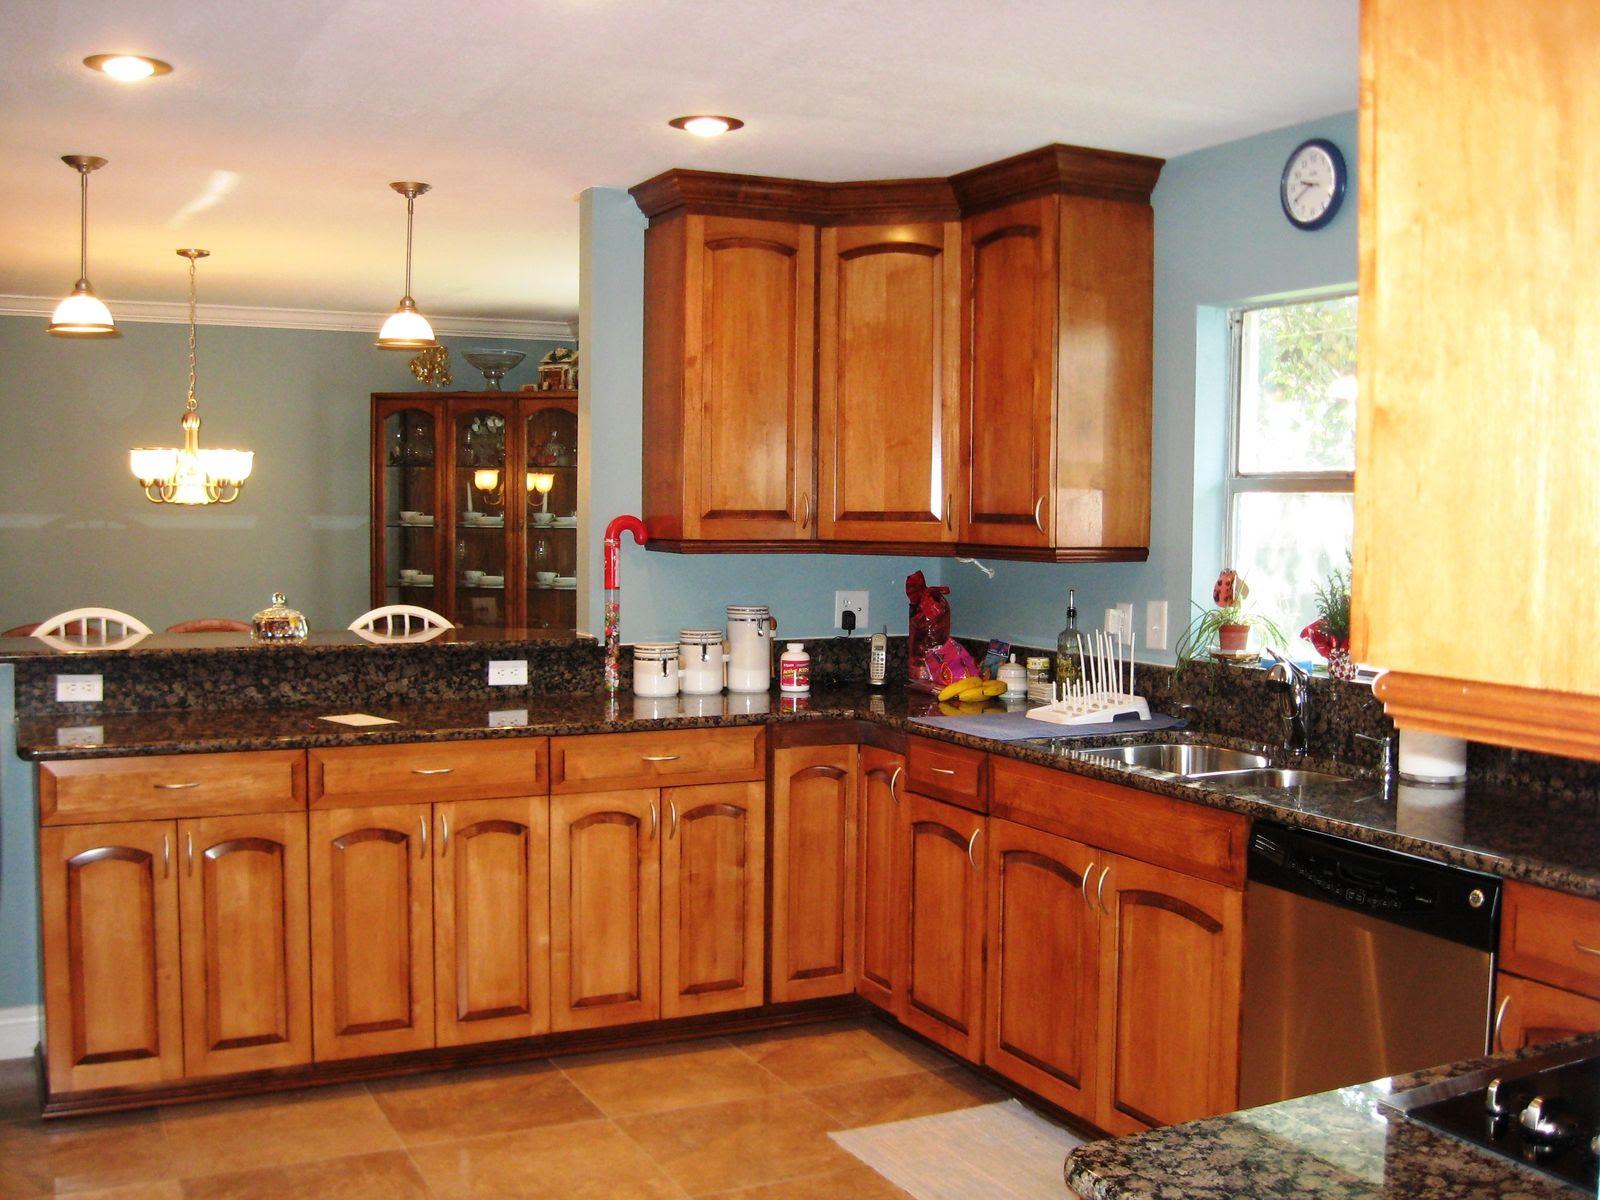 Handmade Maple Kitchen by Gideon's Cabinet & Trim ...